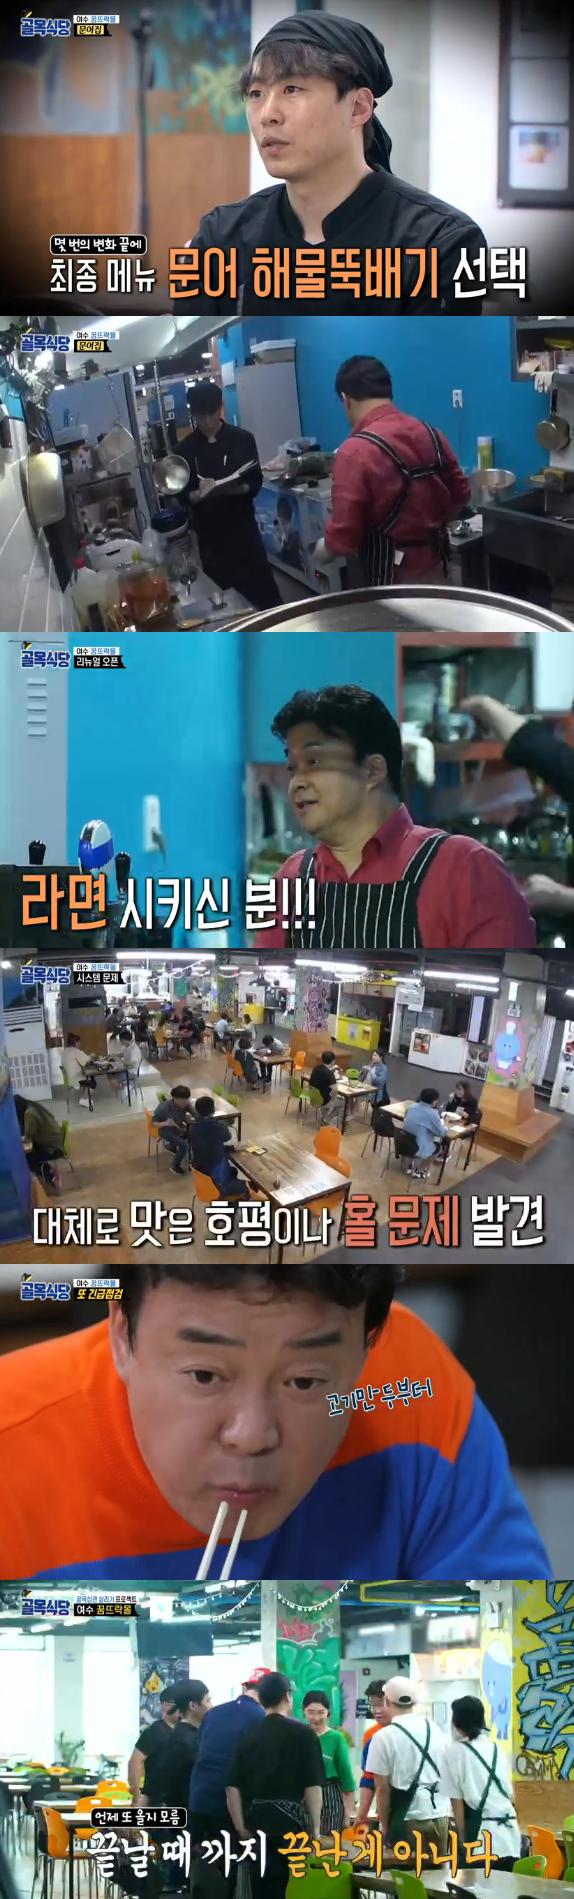 '골목식당' 백종원, 솔루션→AS까지..여수편 마무리 (종합)[포드 토토 인스나인 토토]